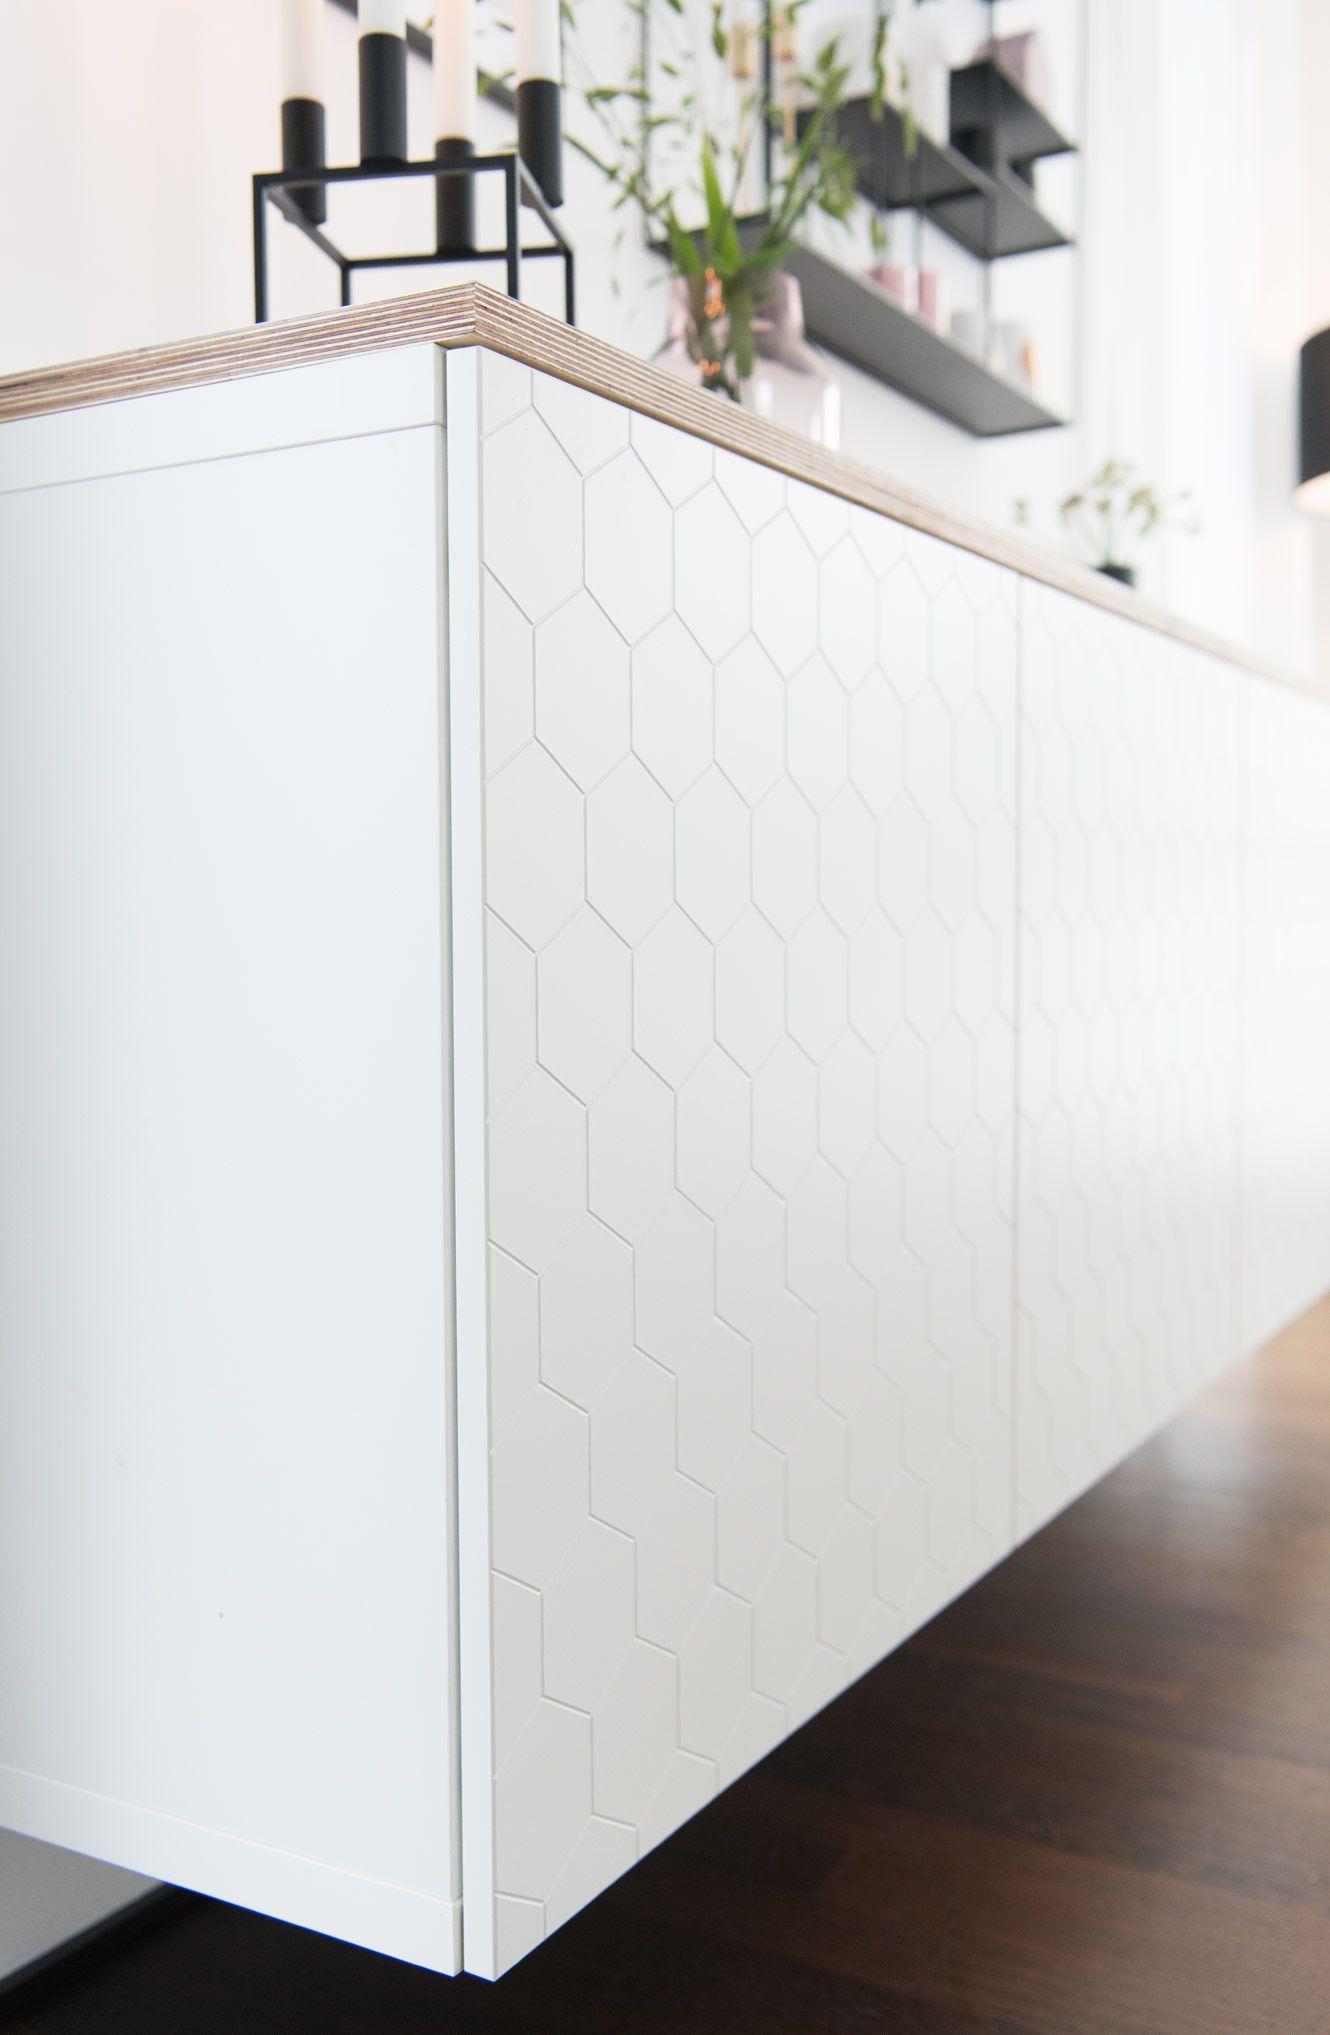 Diy Ikea Besta Mit Multiplex Platte Soul Follows Design Ikea Wohnzimmer Ikea Wohnzimmer Ideen Unterschrank